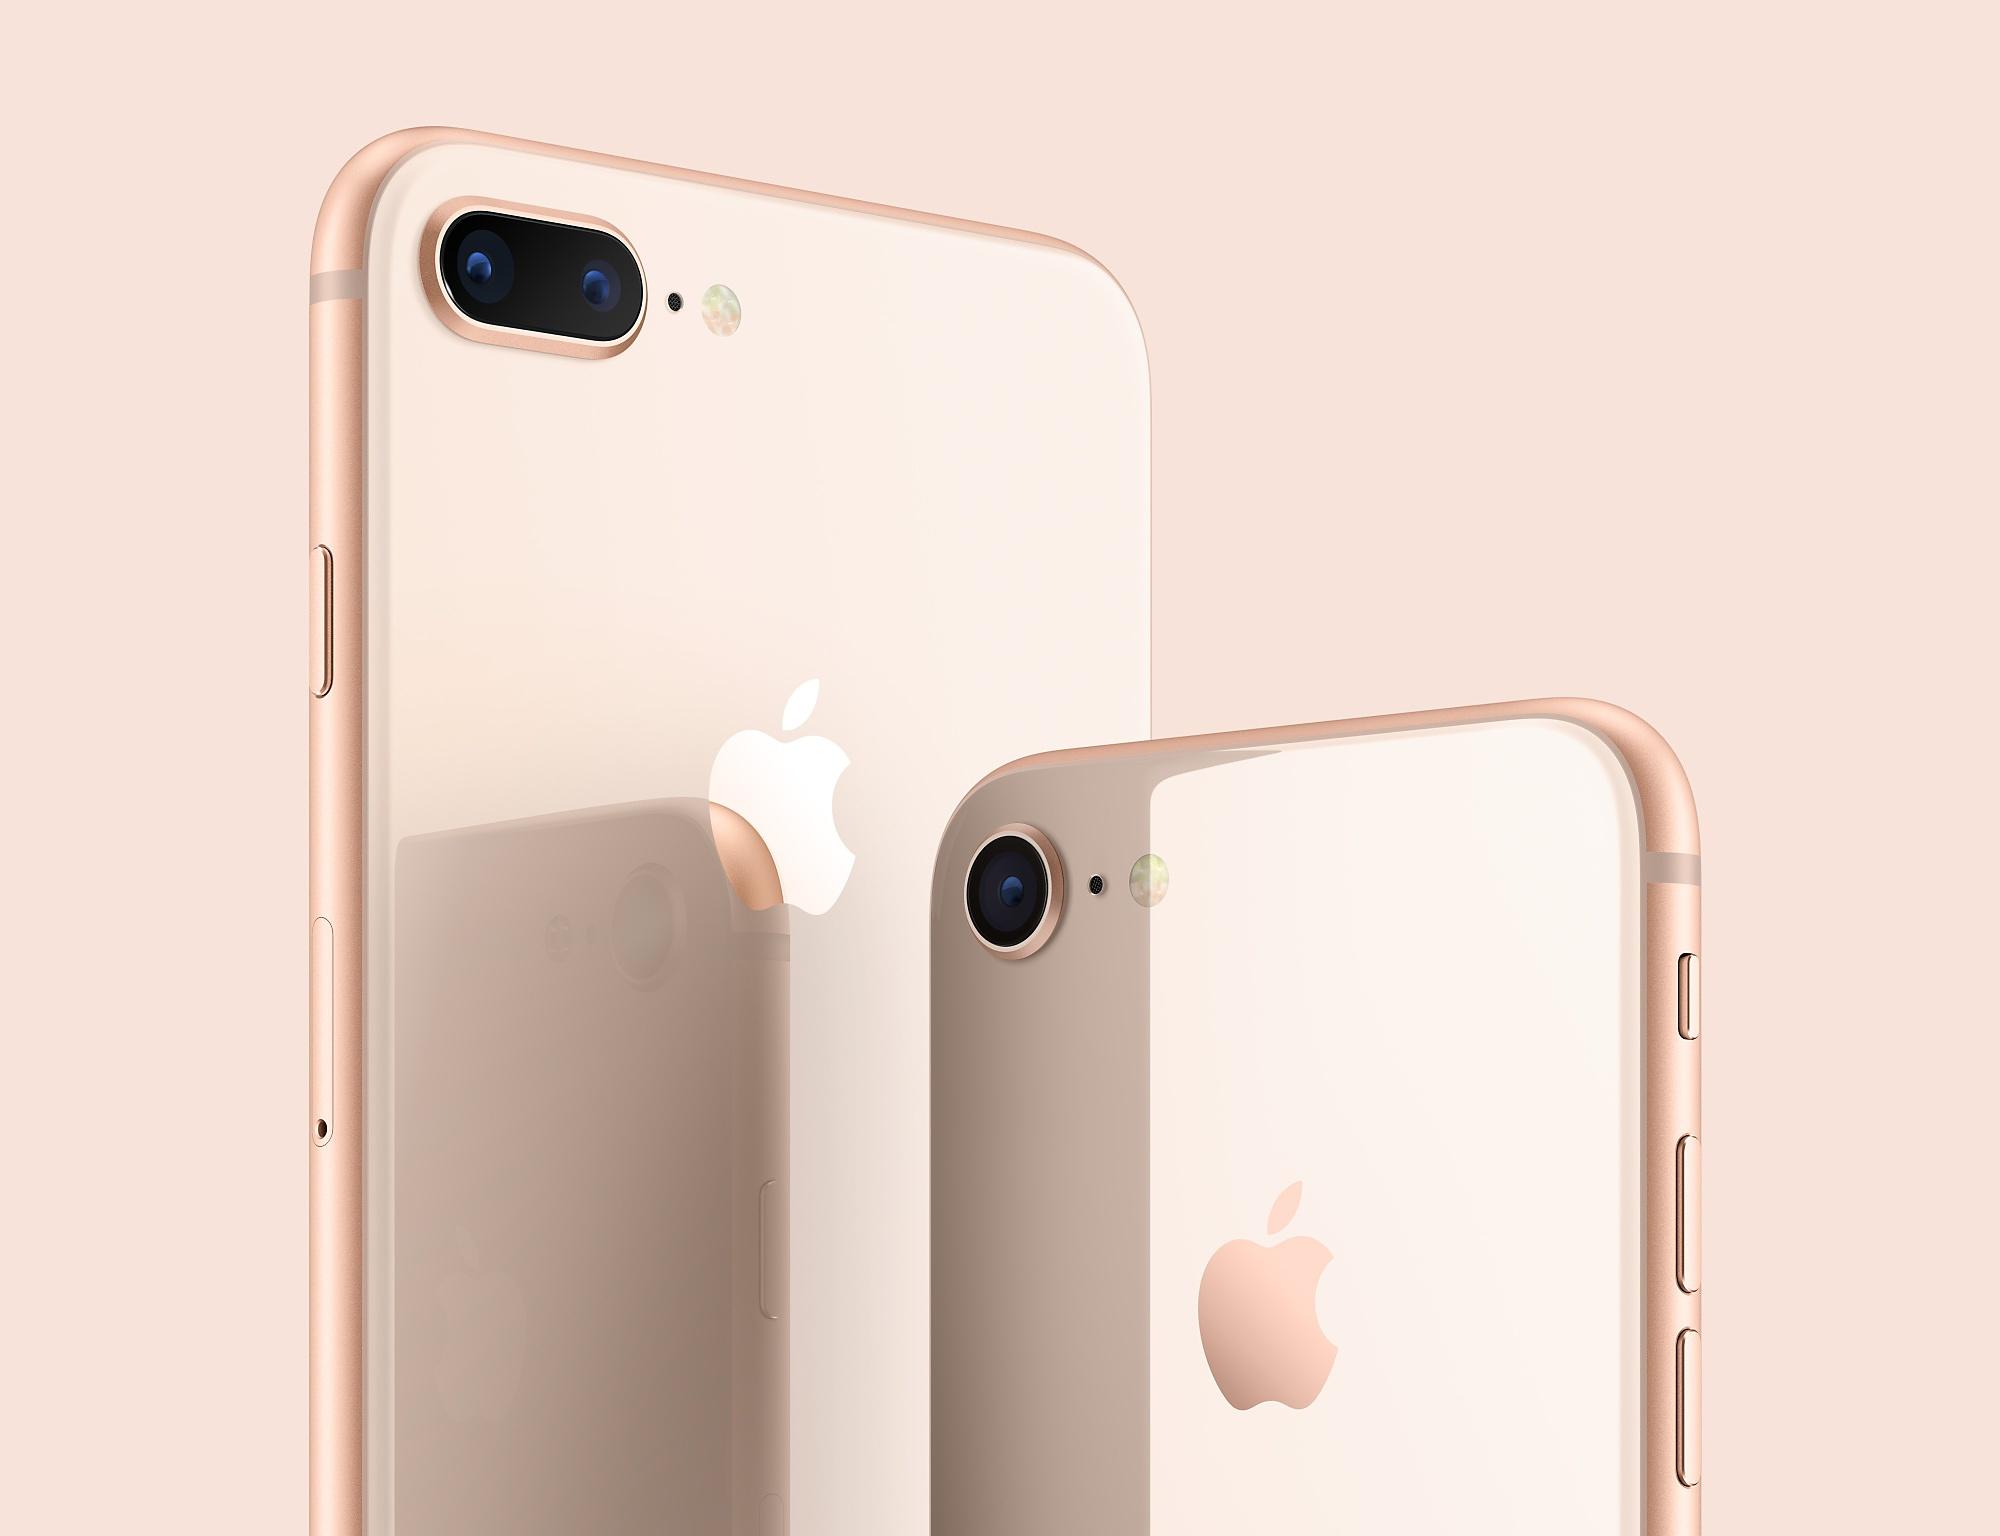 5 Gode Grunde Til At Droppe Iphone 8 Og Købe En Brugt Iphone 7 I